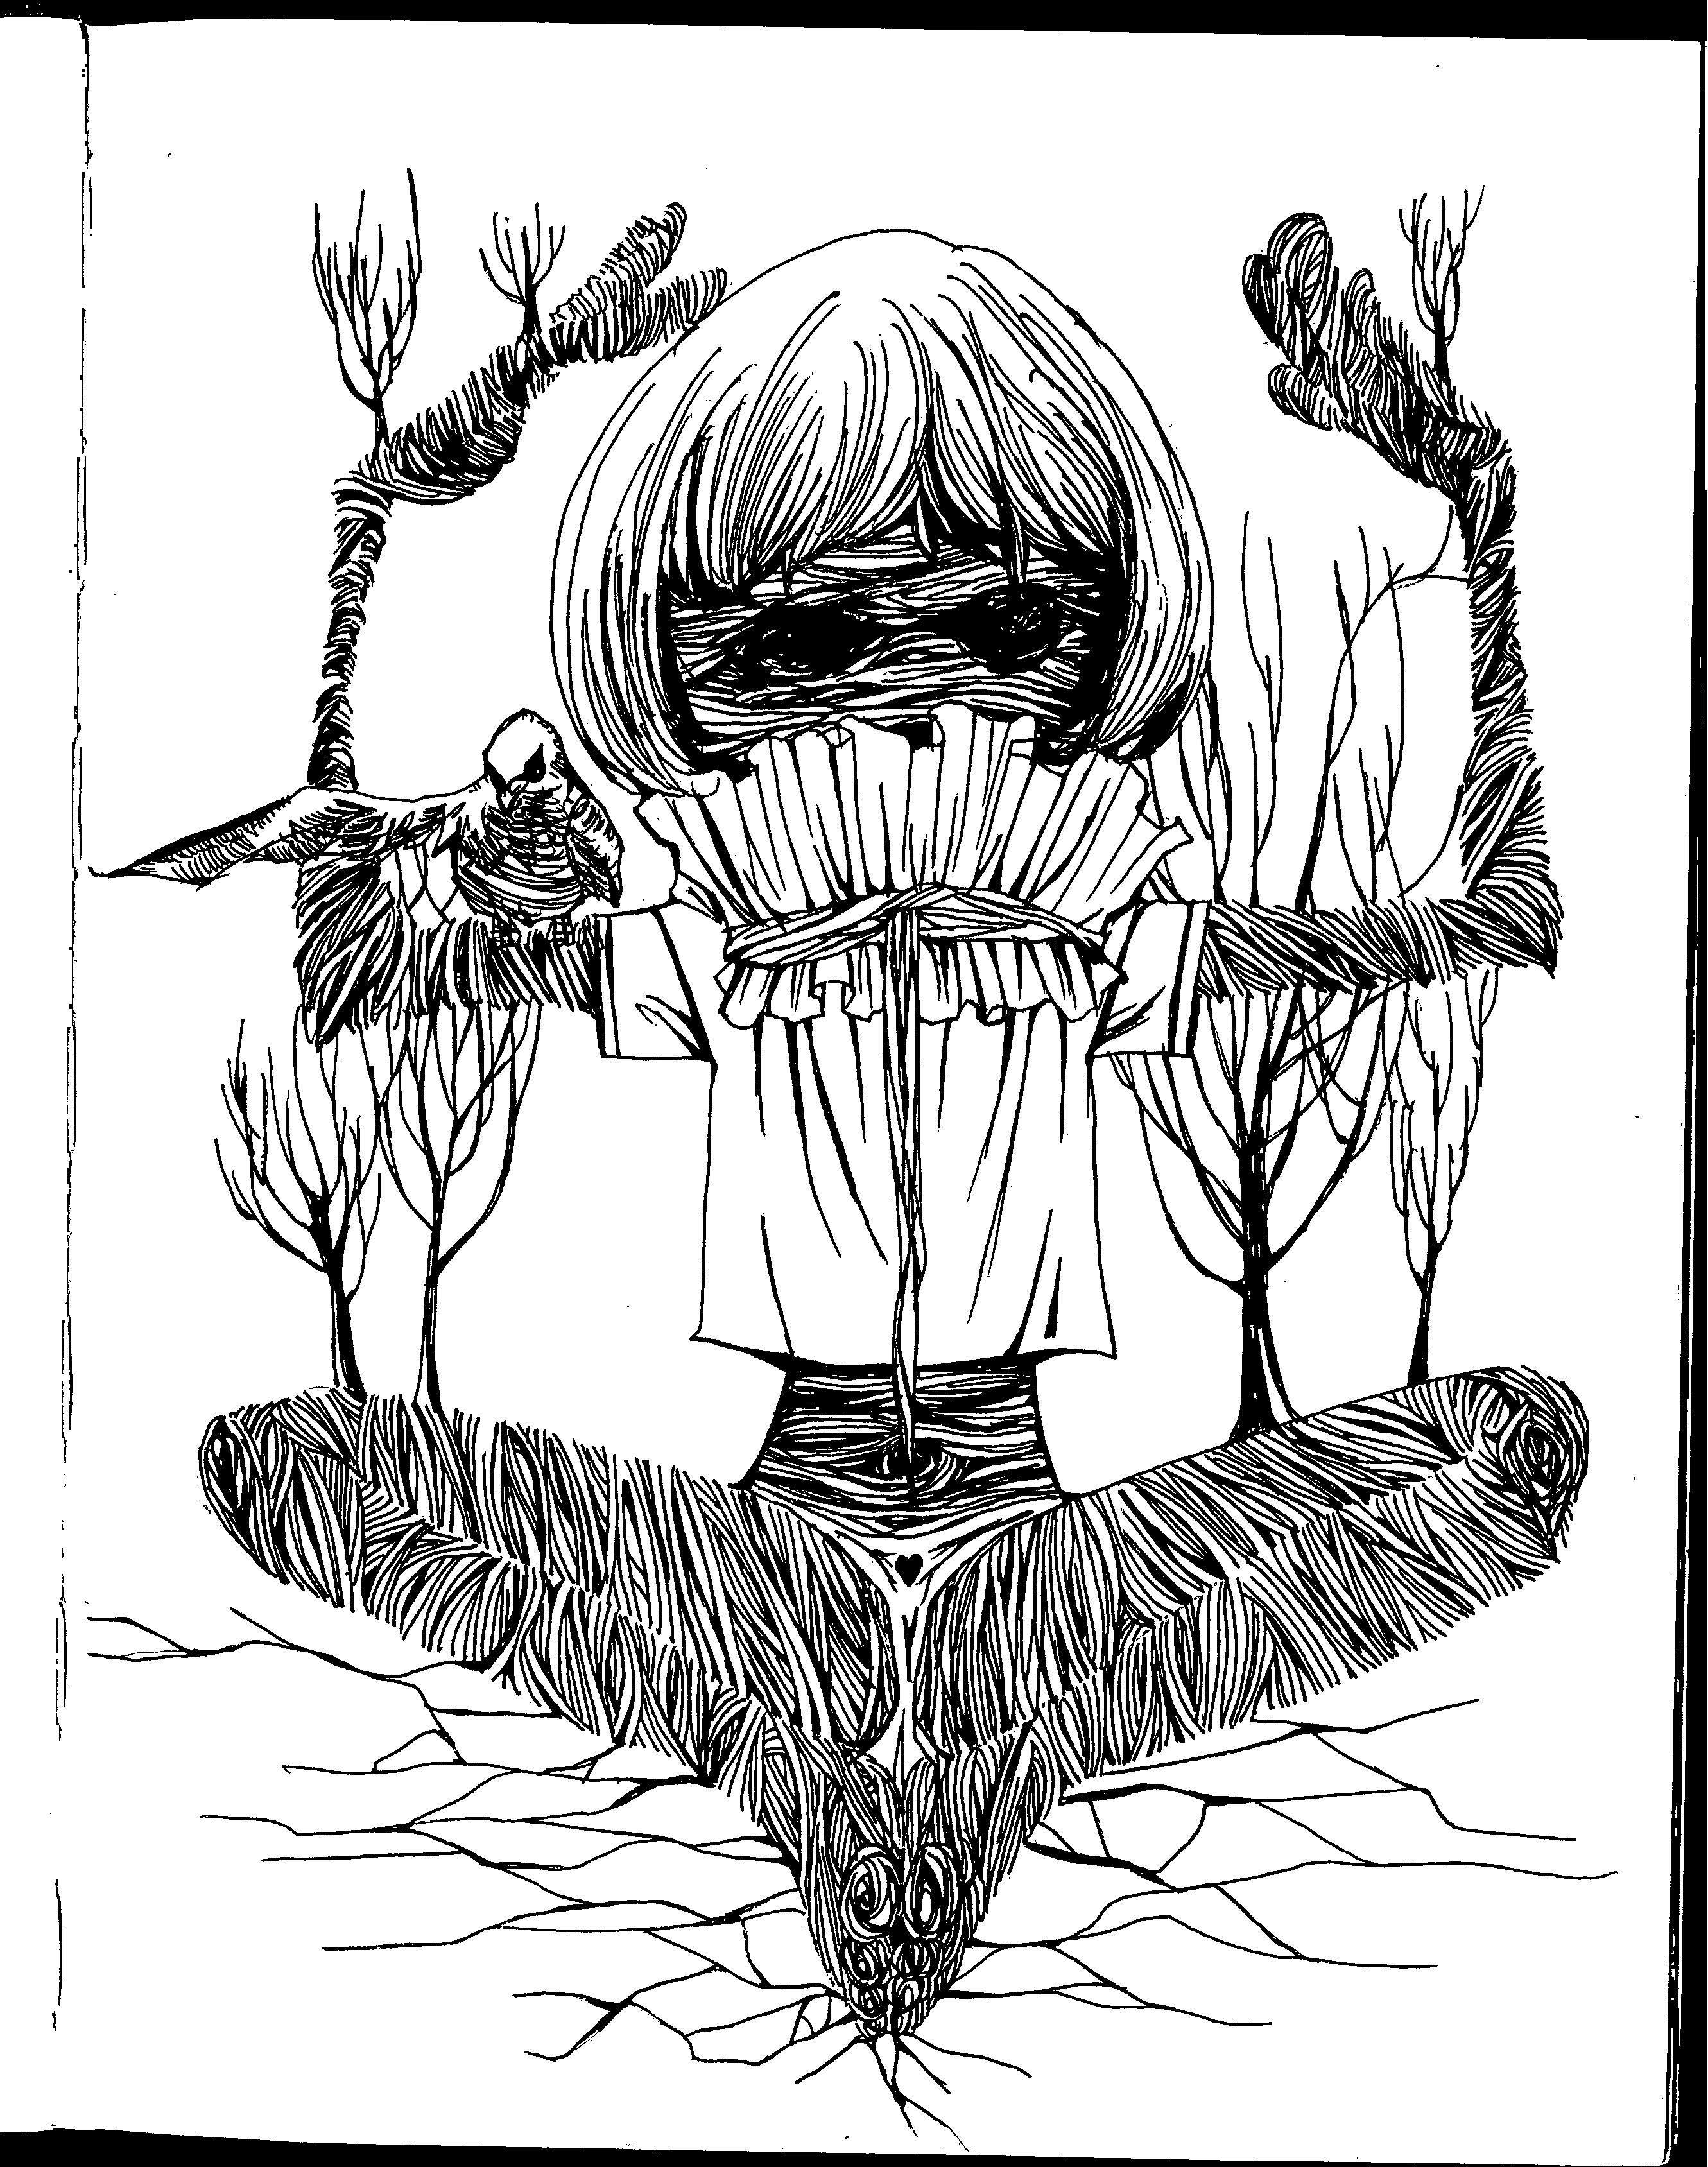 黑白手绘|插画|商业插画|记号笔 - 原创作品 - 站酷